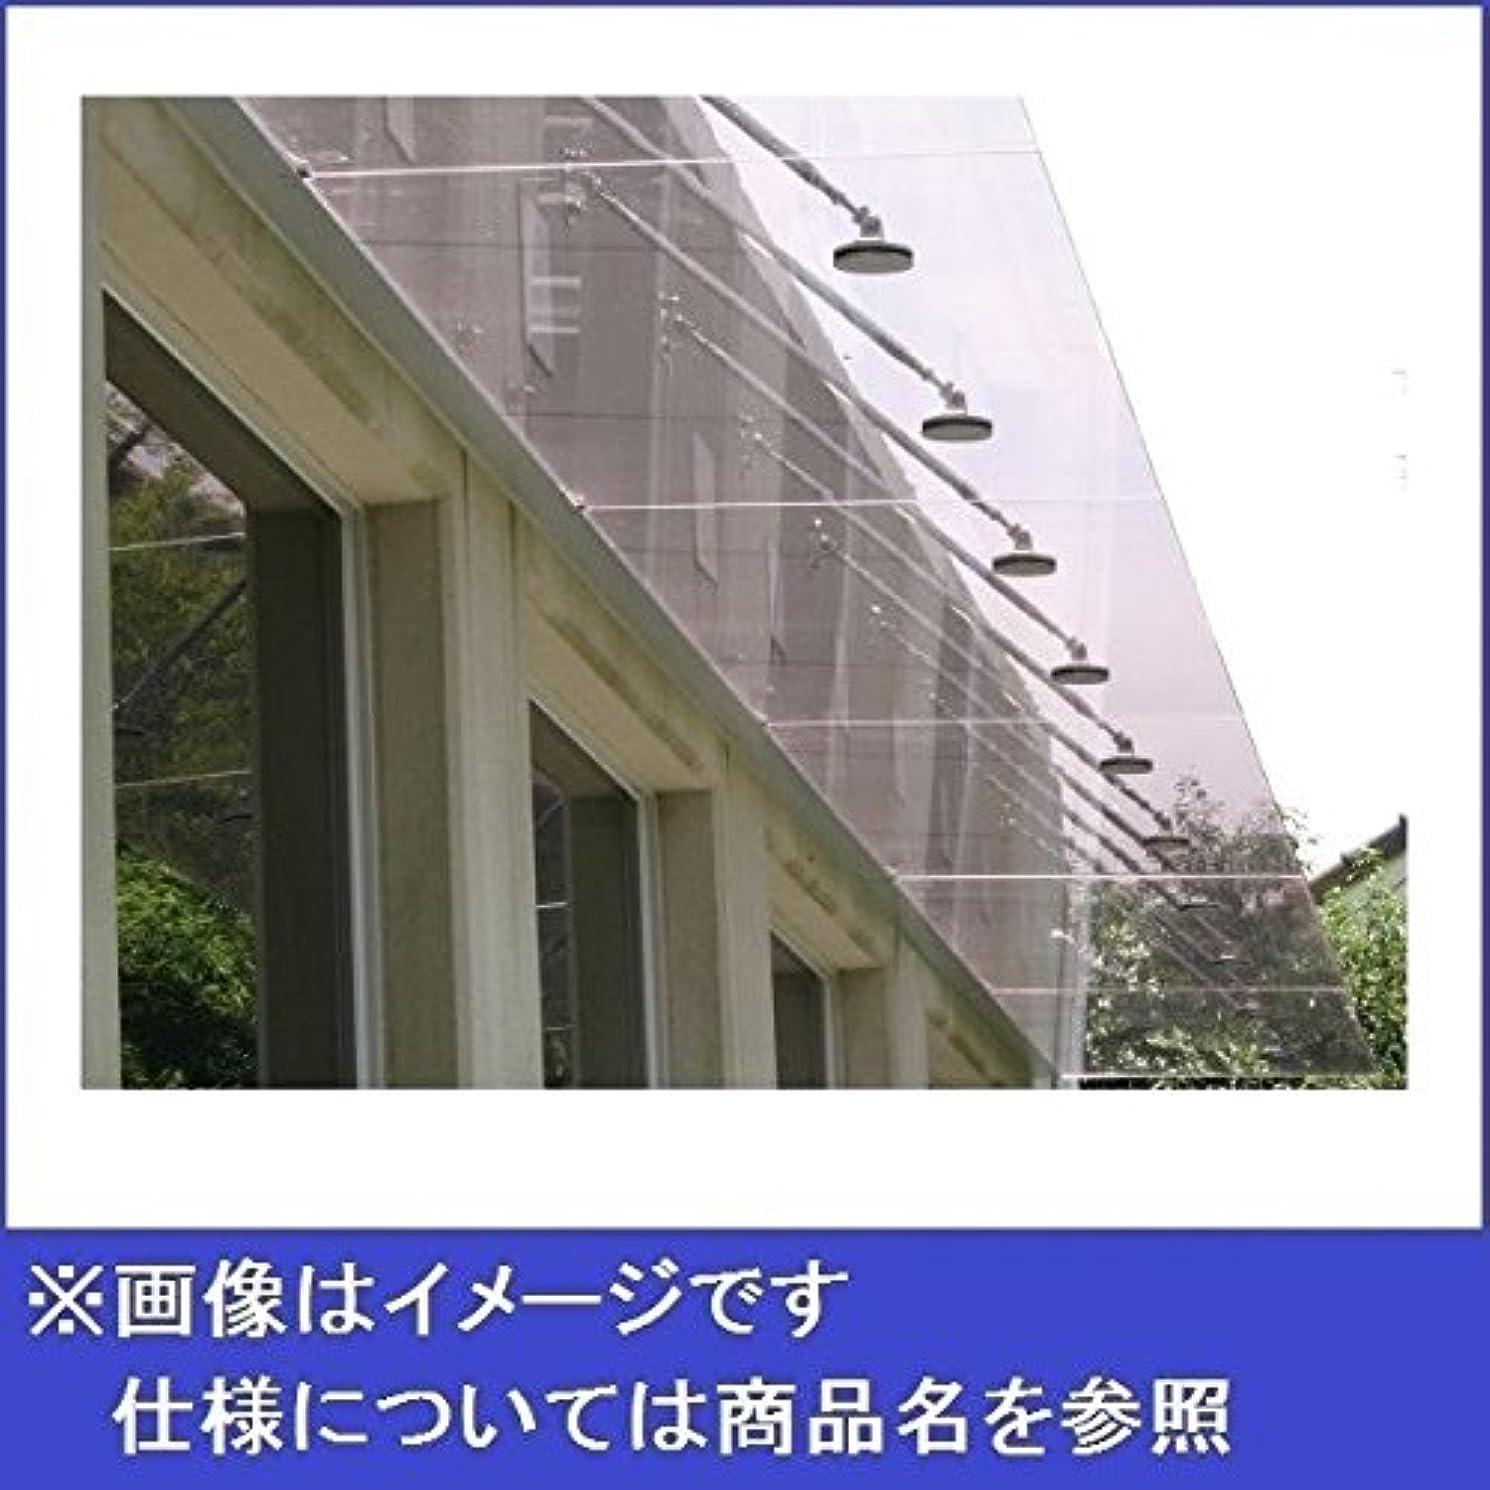 理論数活力アルフィン庇 ガラスひさし 規格色  D300×L900 AF810  イブニングシャドウ